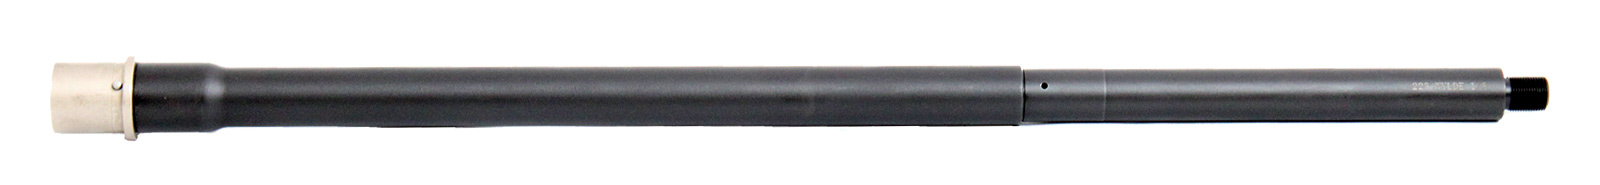 ar-15-barrel-20-223-wylde-18-nitride